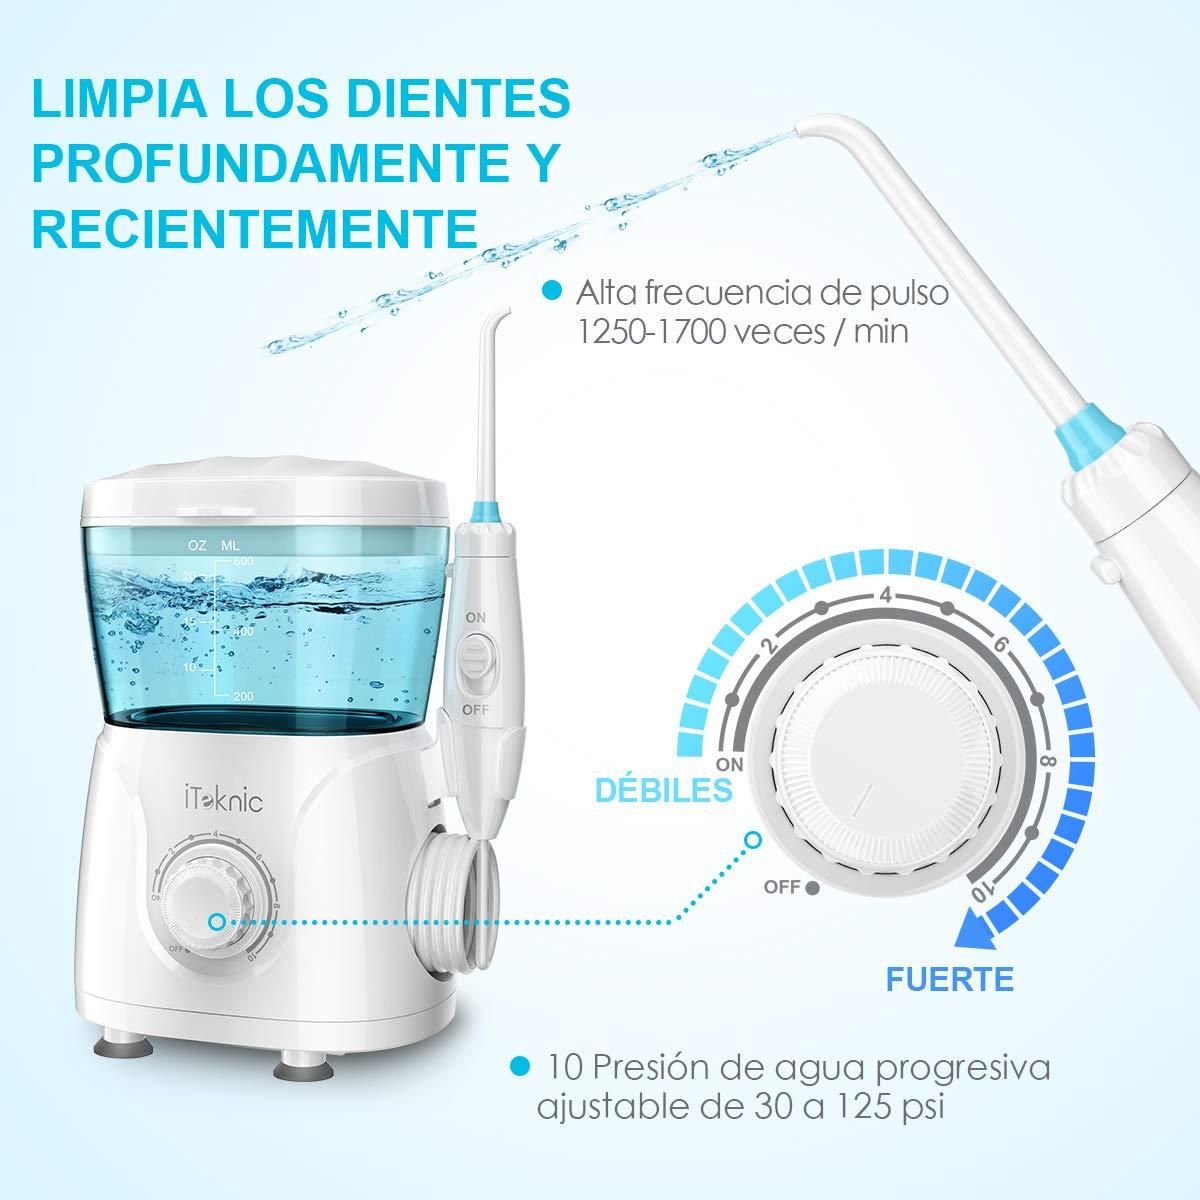 Irrigador Dental Profesional iTeknic de Gran Capacidad Tanque de Agua de 600ml 10 Ajustes de Presión 7 Bolquillas Intercambios IPX4 Impermeable del Agua ...